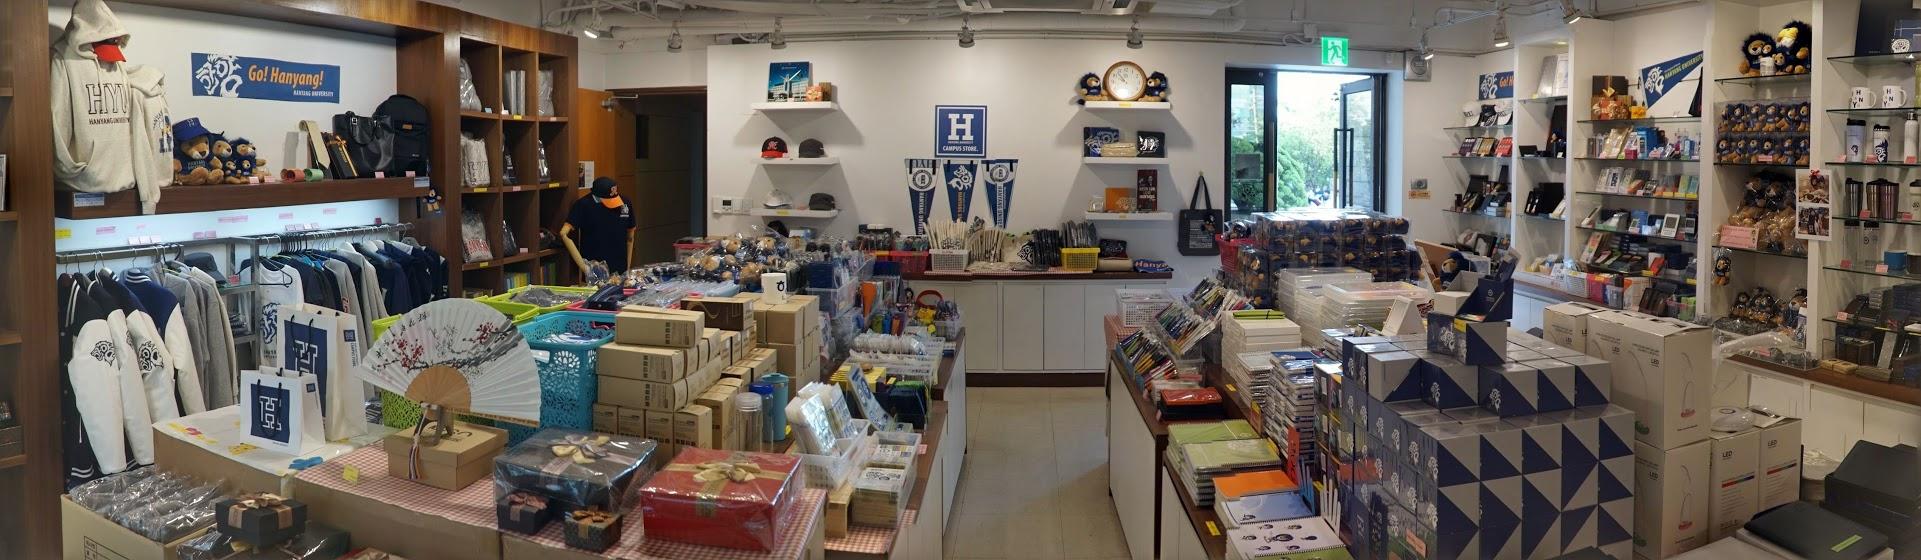 한양대 기념품점 내부 사진(파노라마)